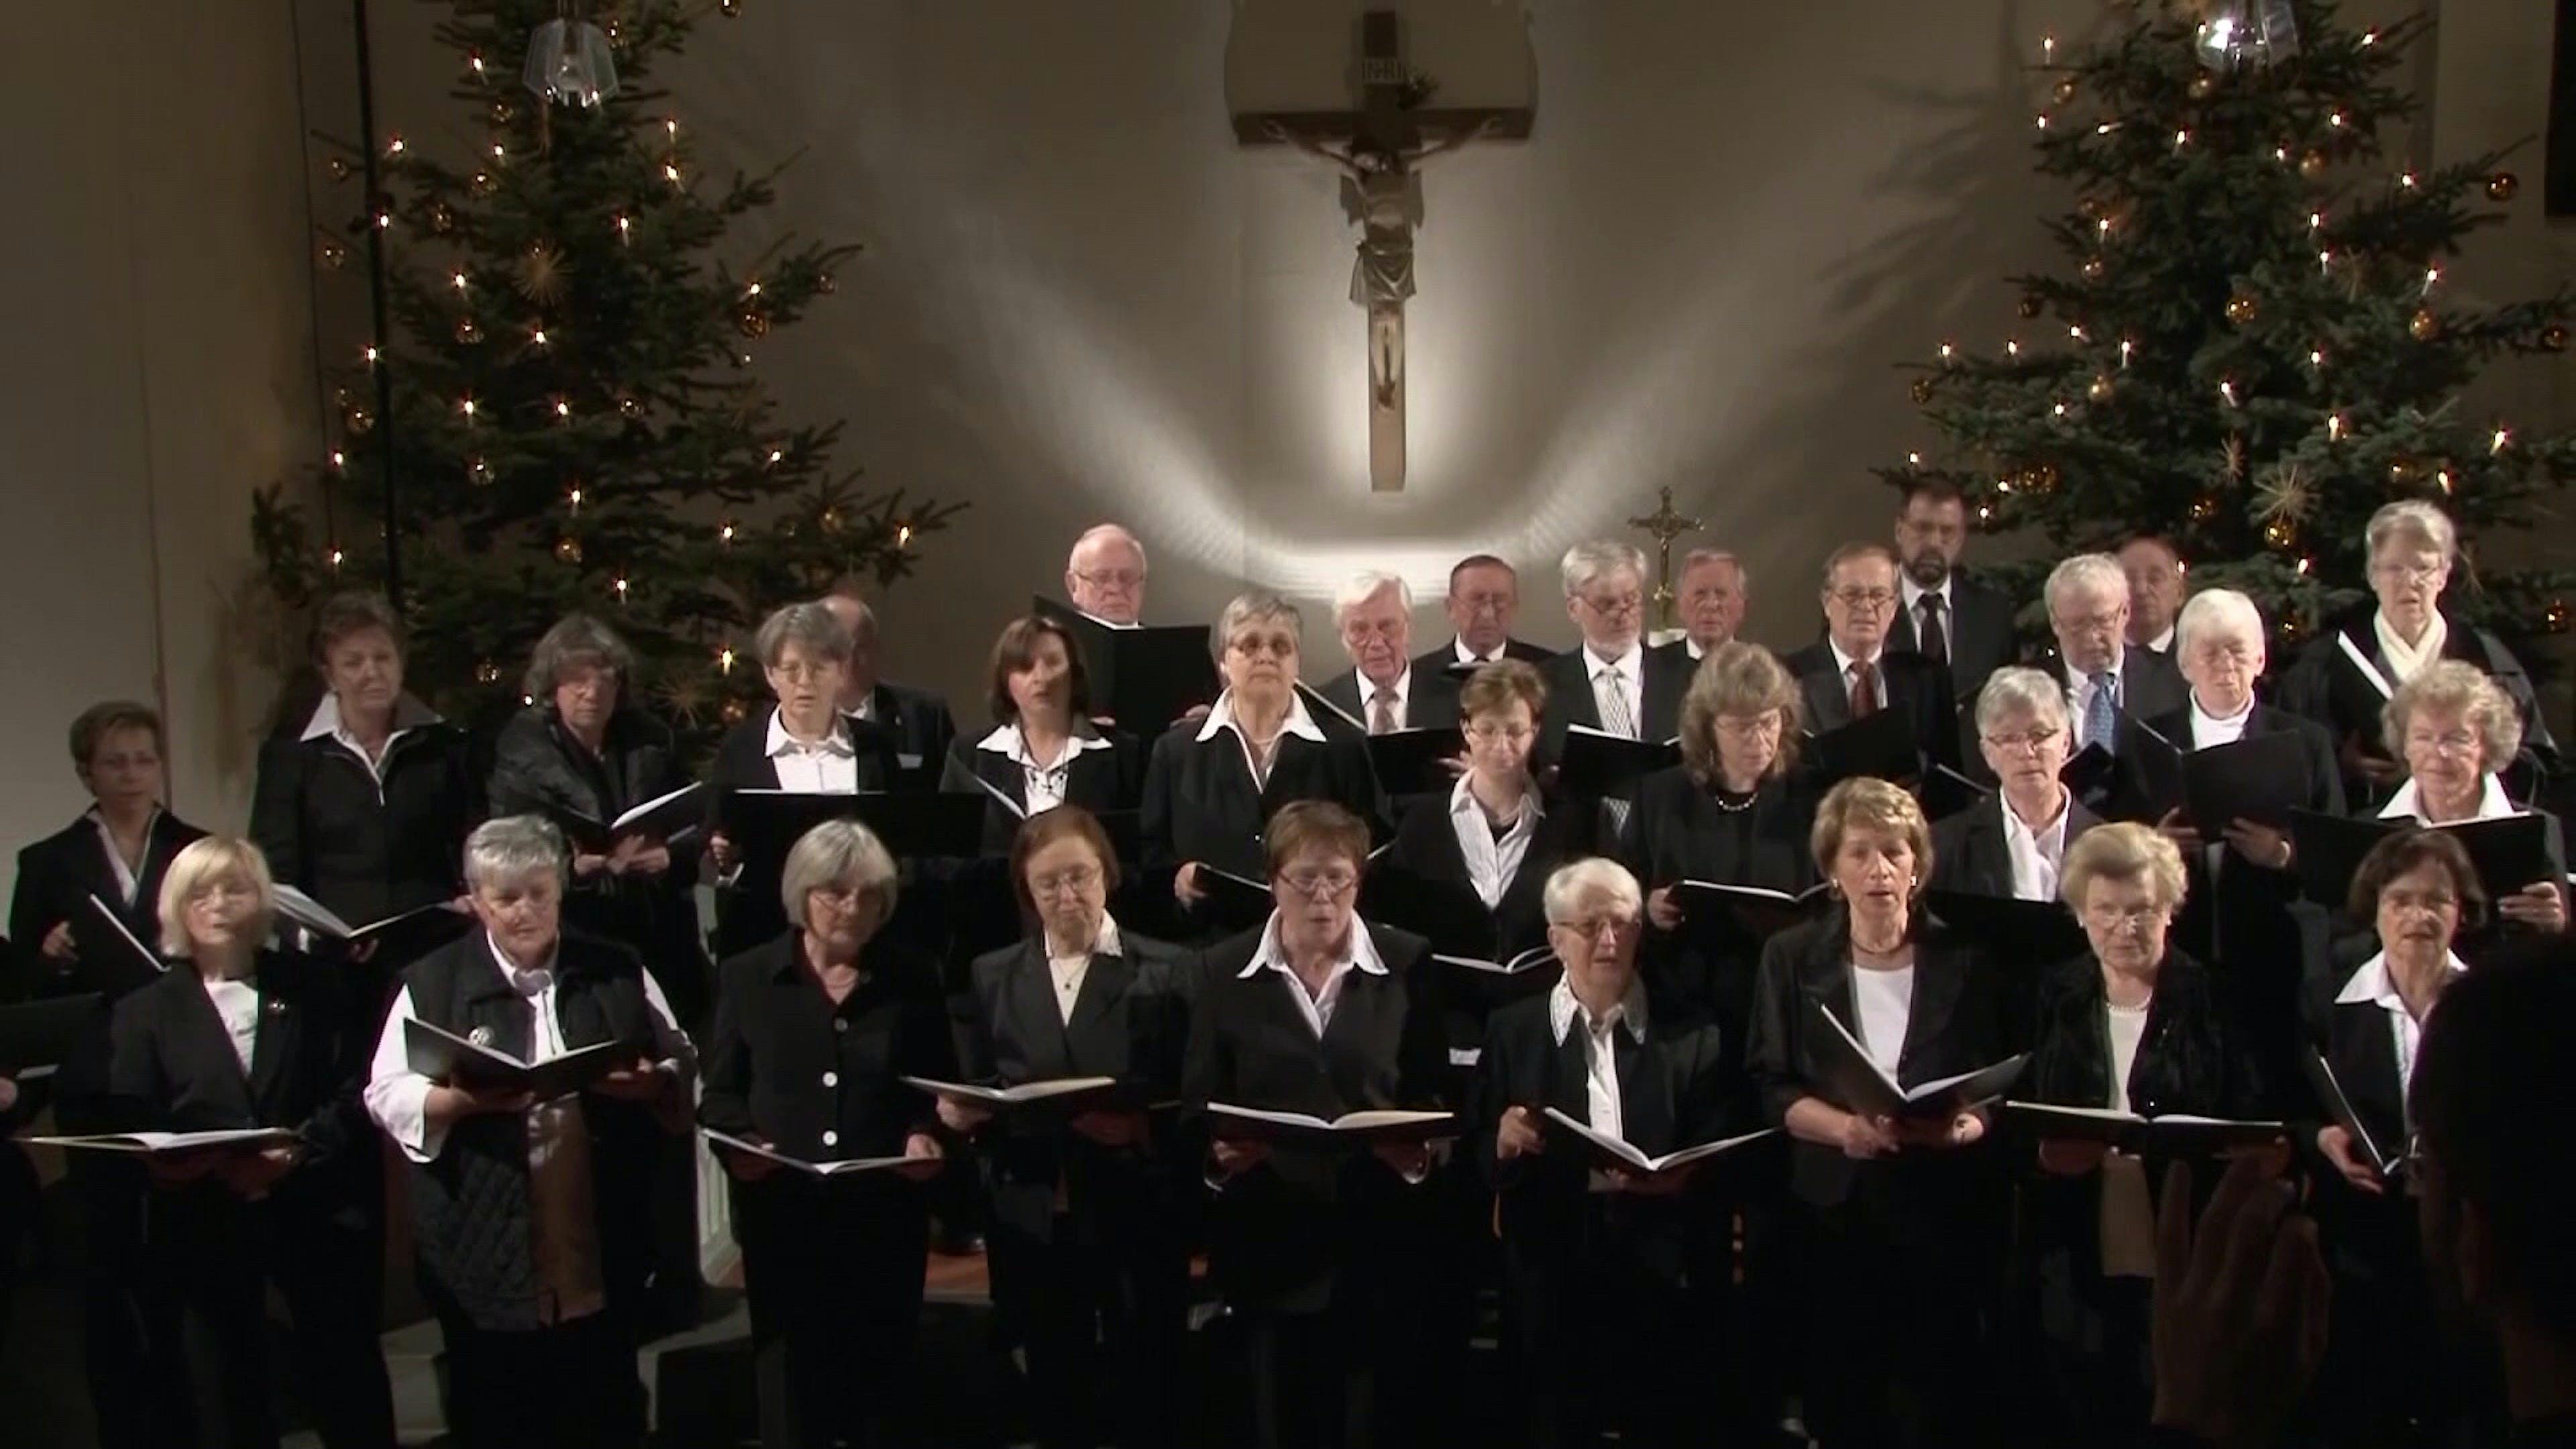 Freut euch! 15 Meckenheimer Chöre singen und spielen zur Weihnachtsgeschichte